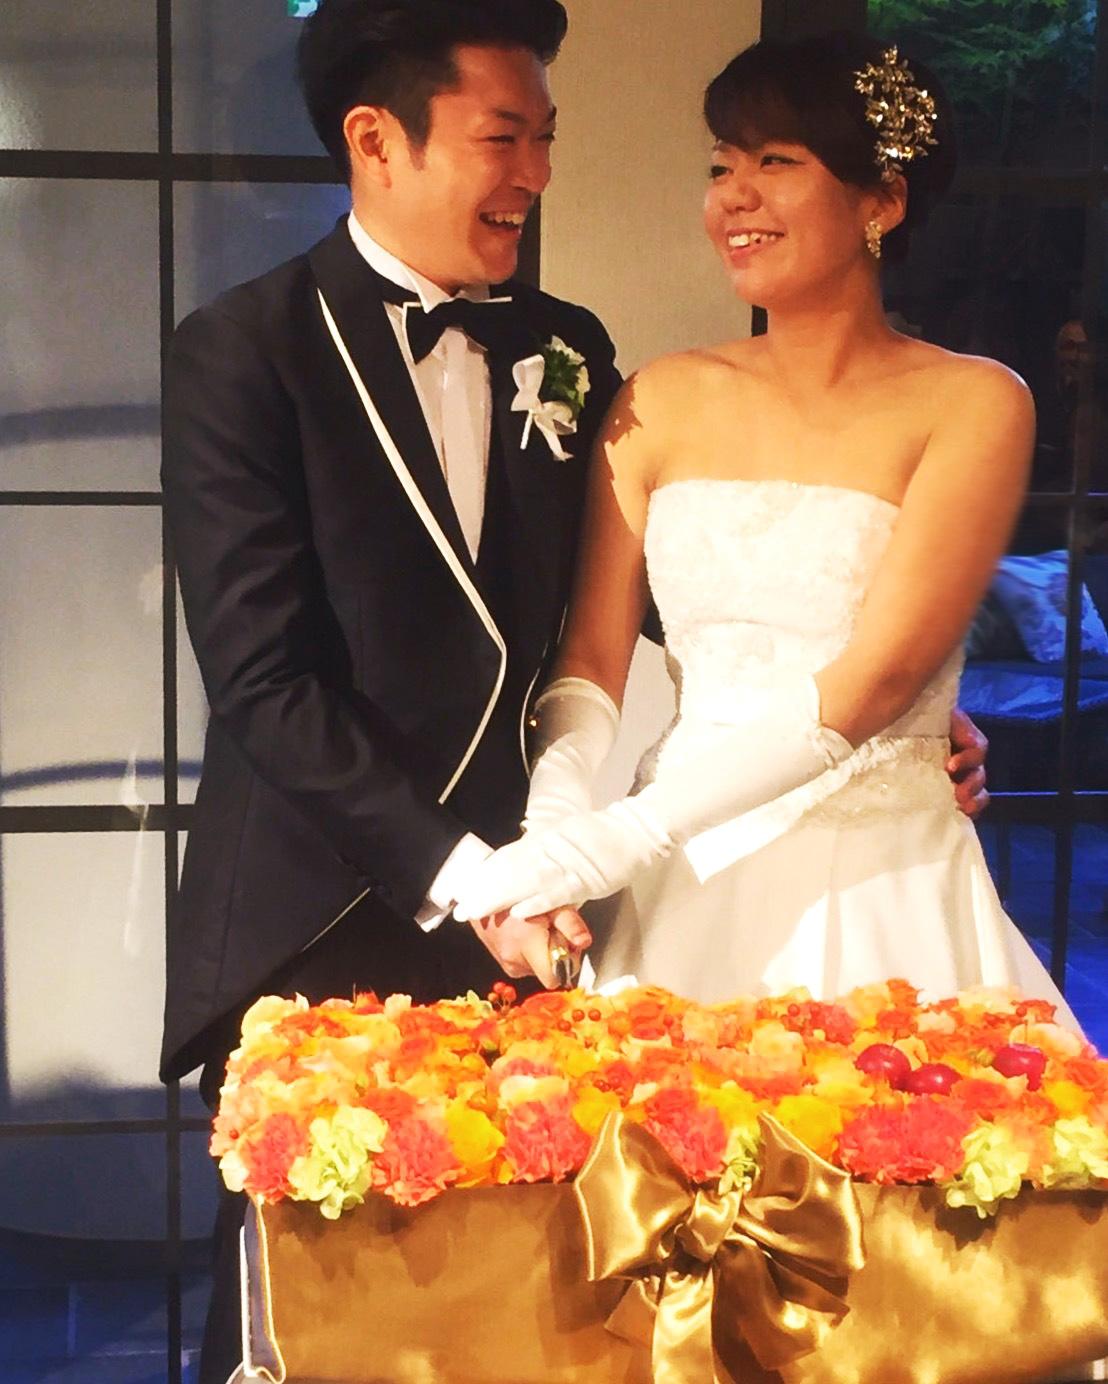 秋の装花 結婚式のフラワーケーキ、オレンジ色で28シェアに 横浜迎賓館さまへ_a0042928_1248154.jpg